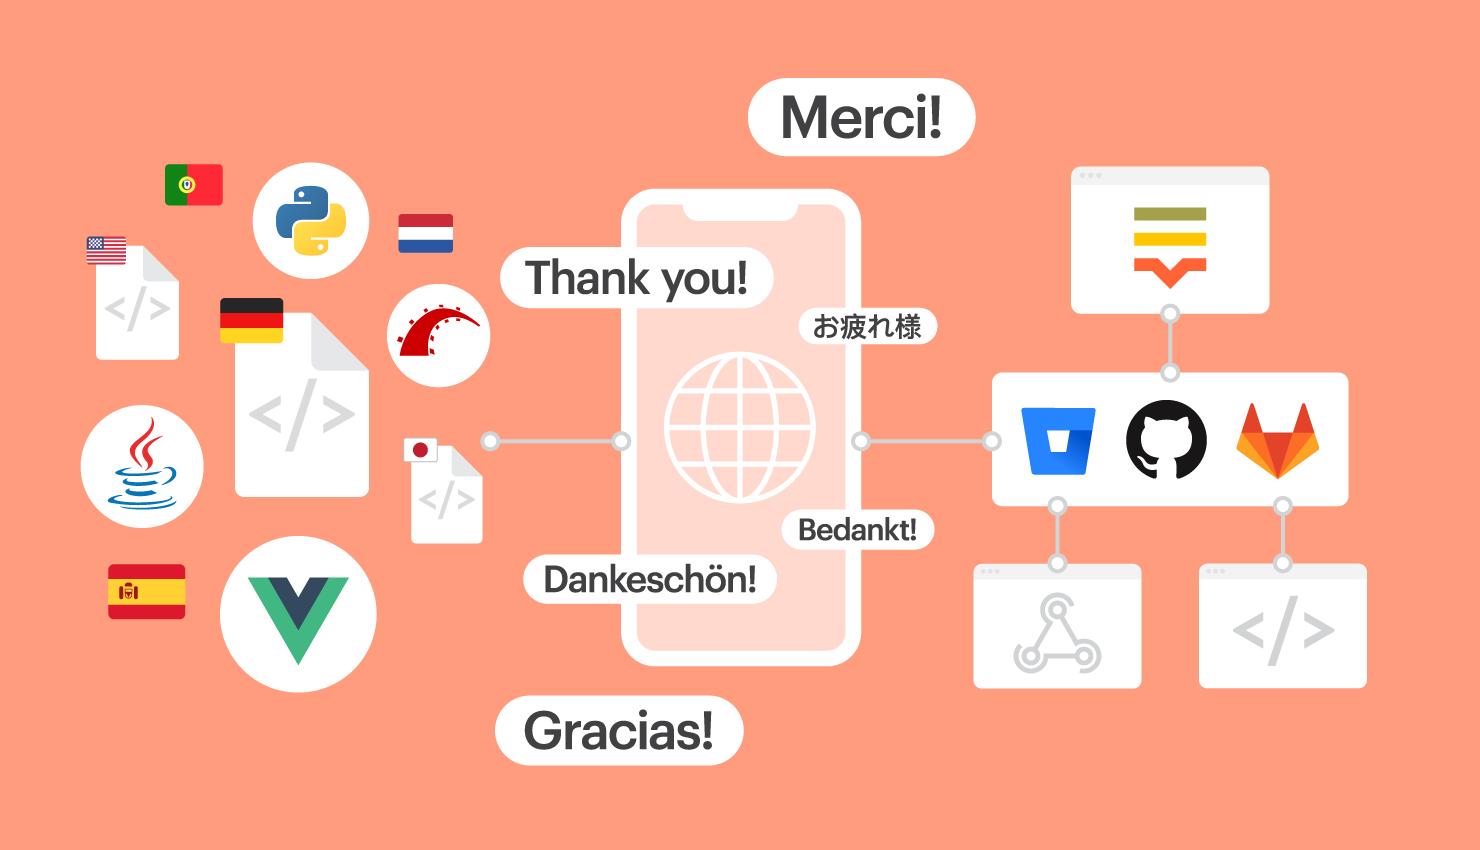 software internationalization image